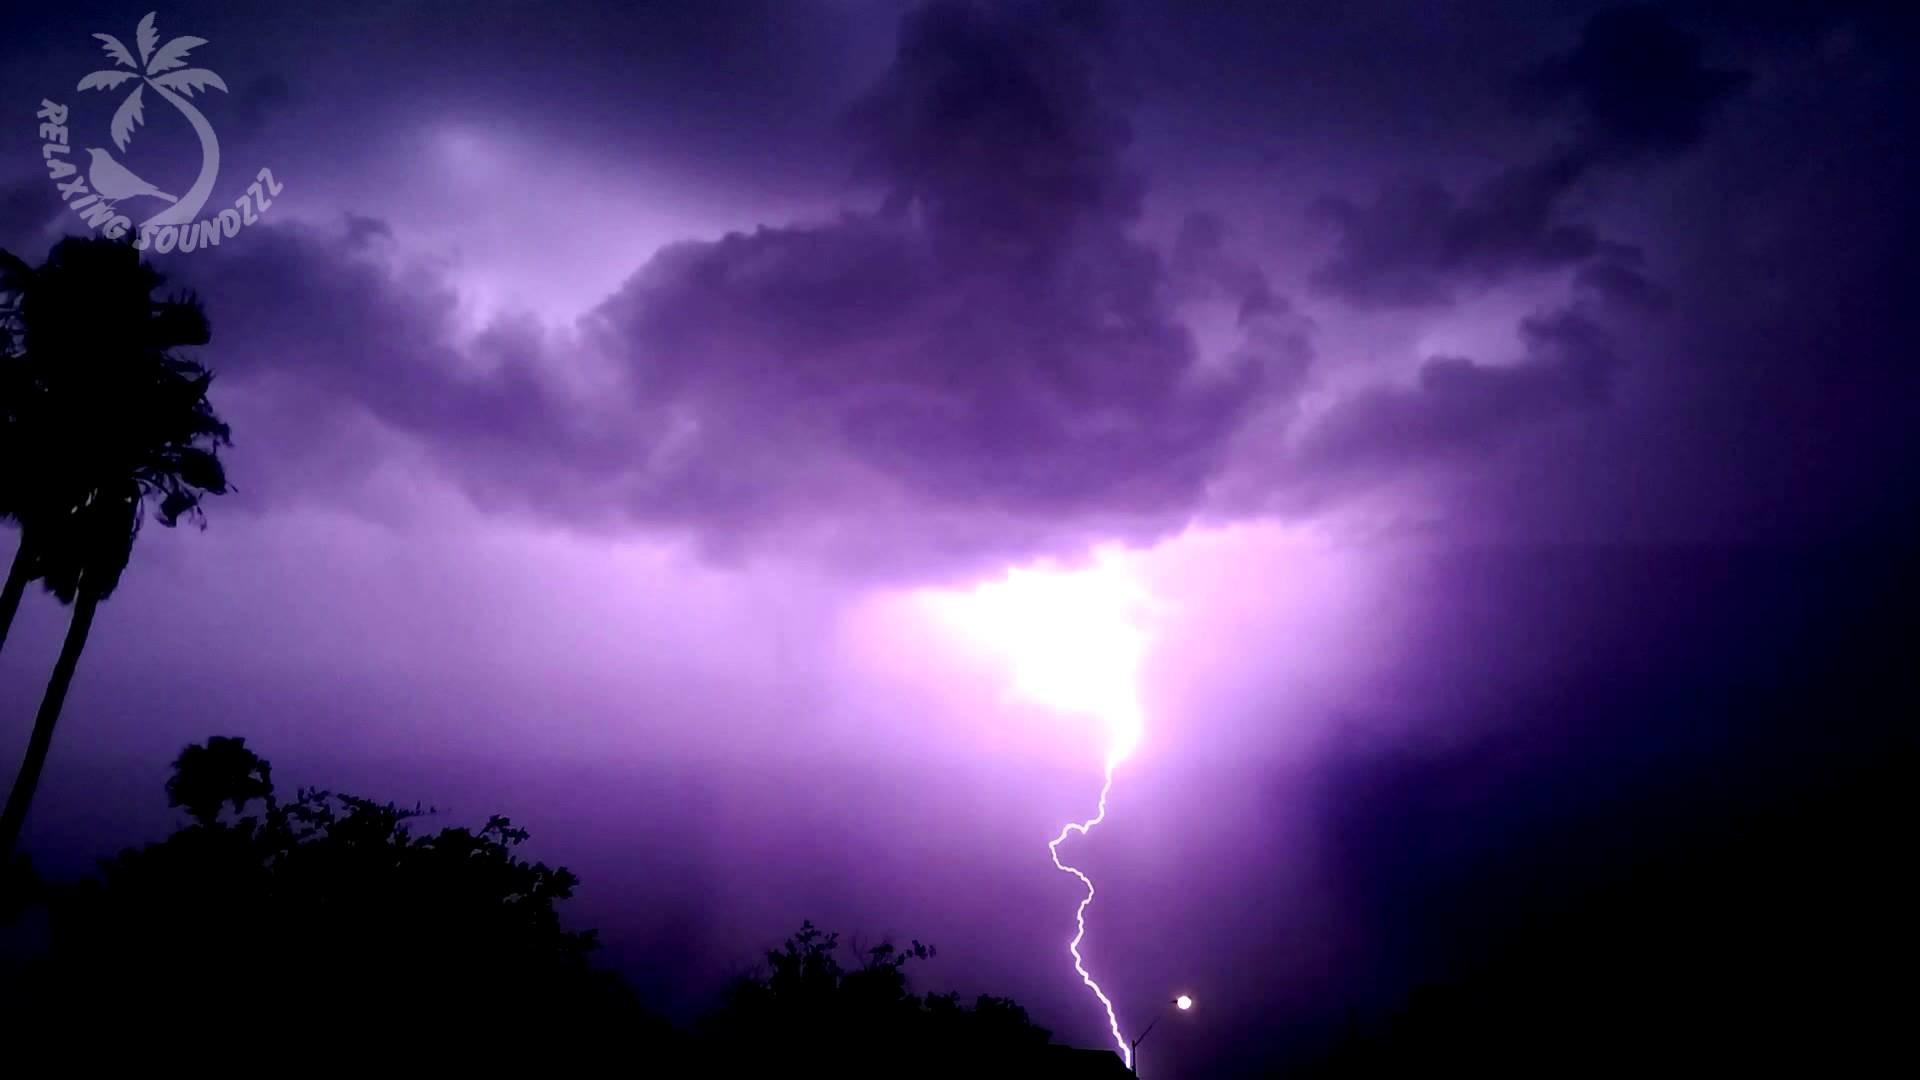 1920x1080 Lightning storm thunder thunderstorm thunderbolt danger dark strike flash HD wallpaper. Android wallpapers for free.